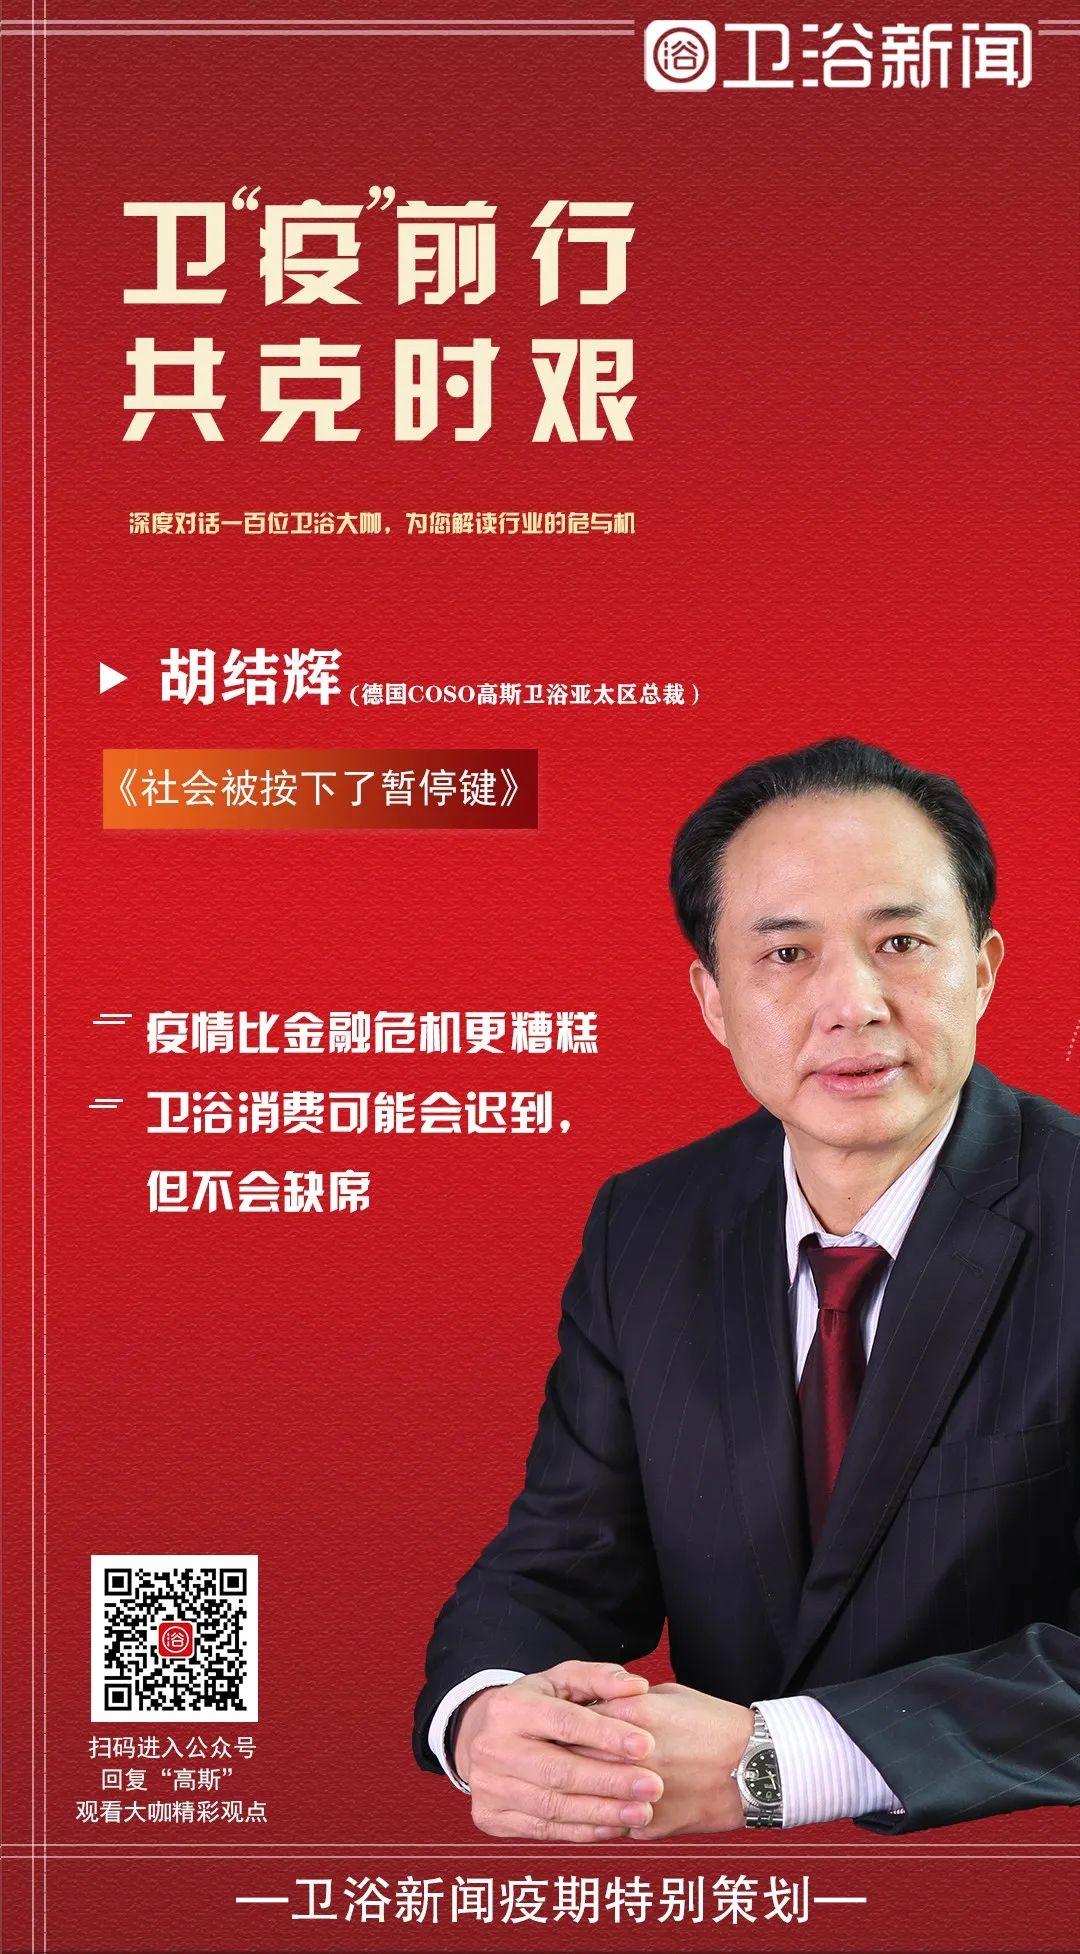 德国COSO高斯卫浴亚太区总裁胡结辉:社会被按下了暂停键